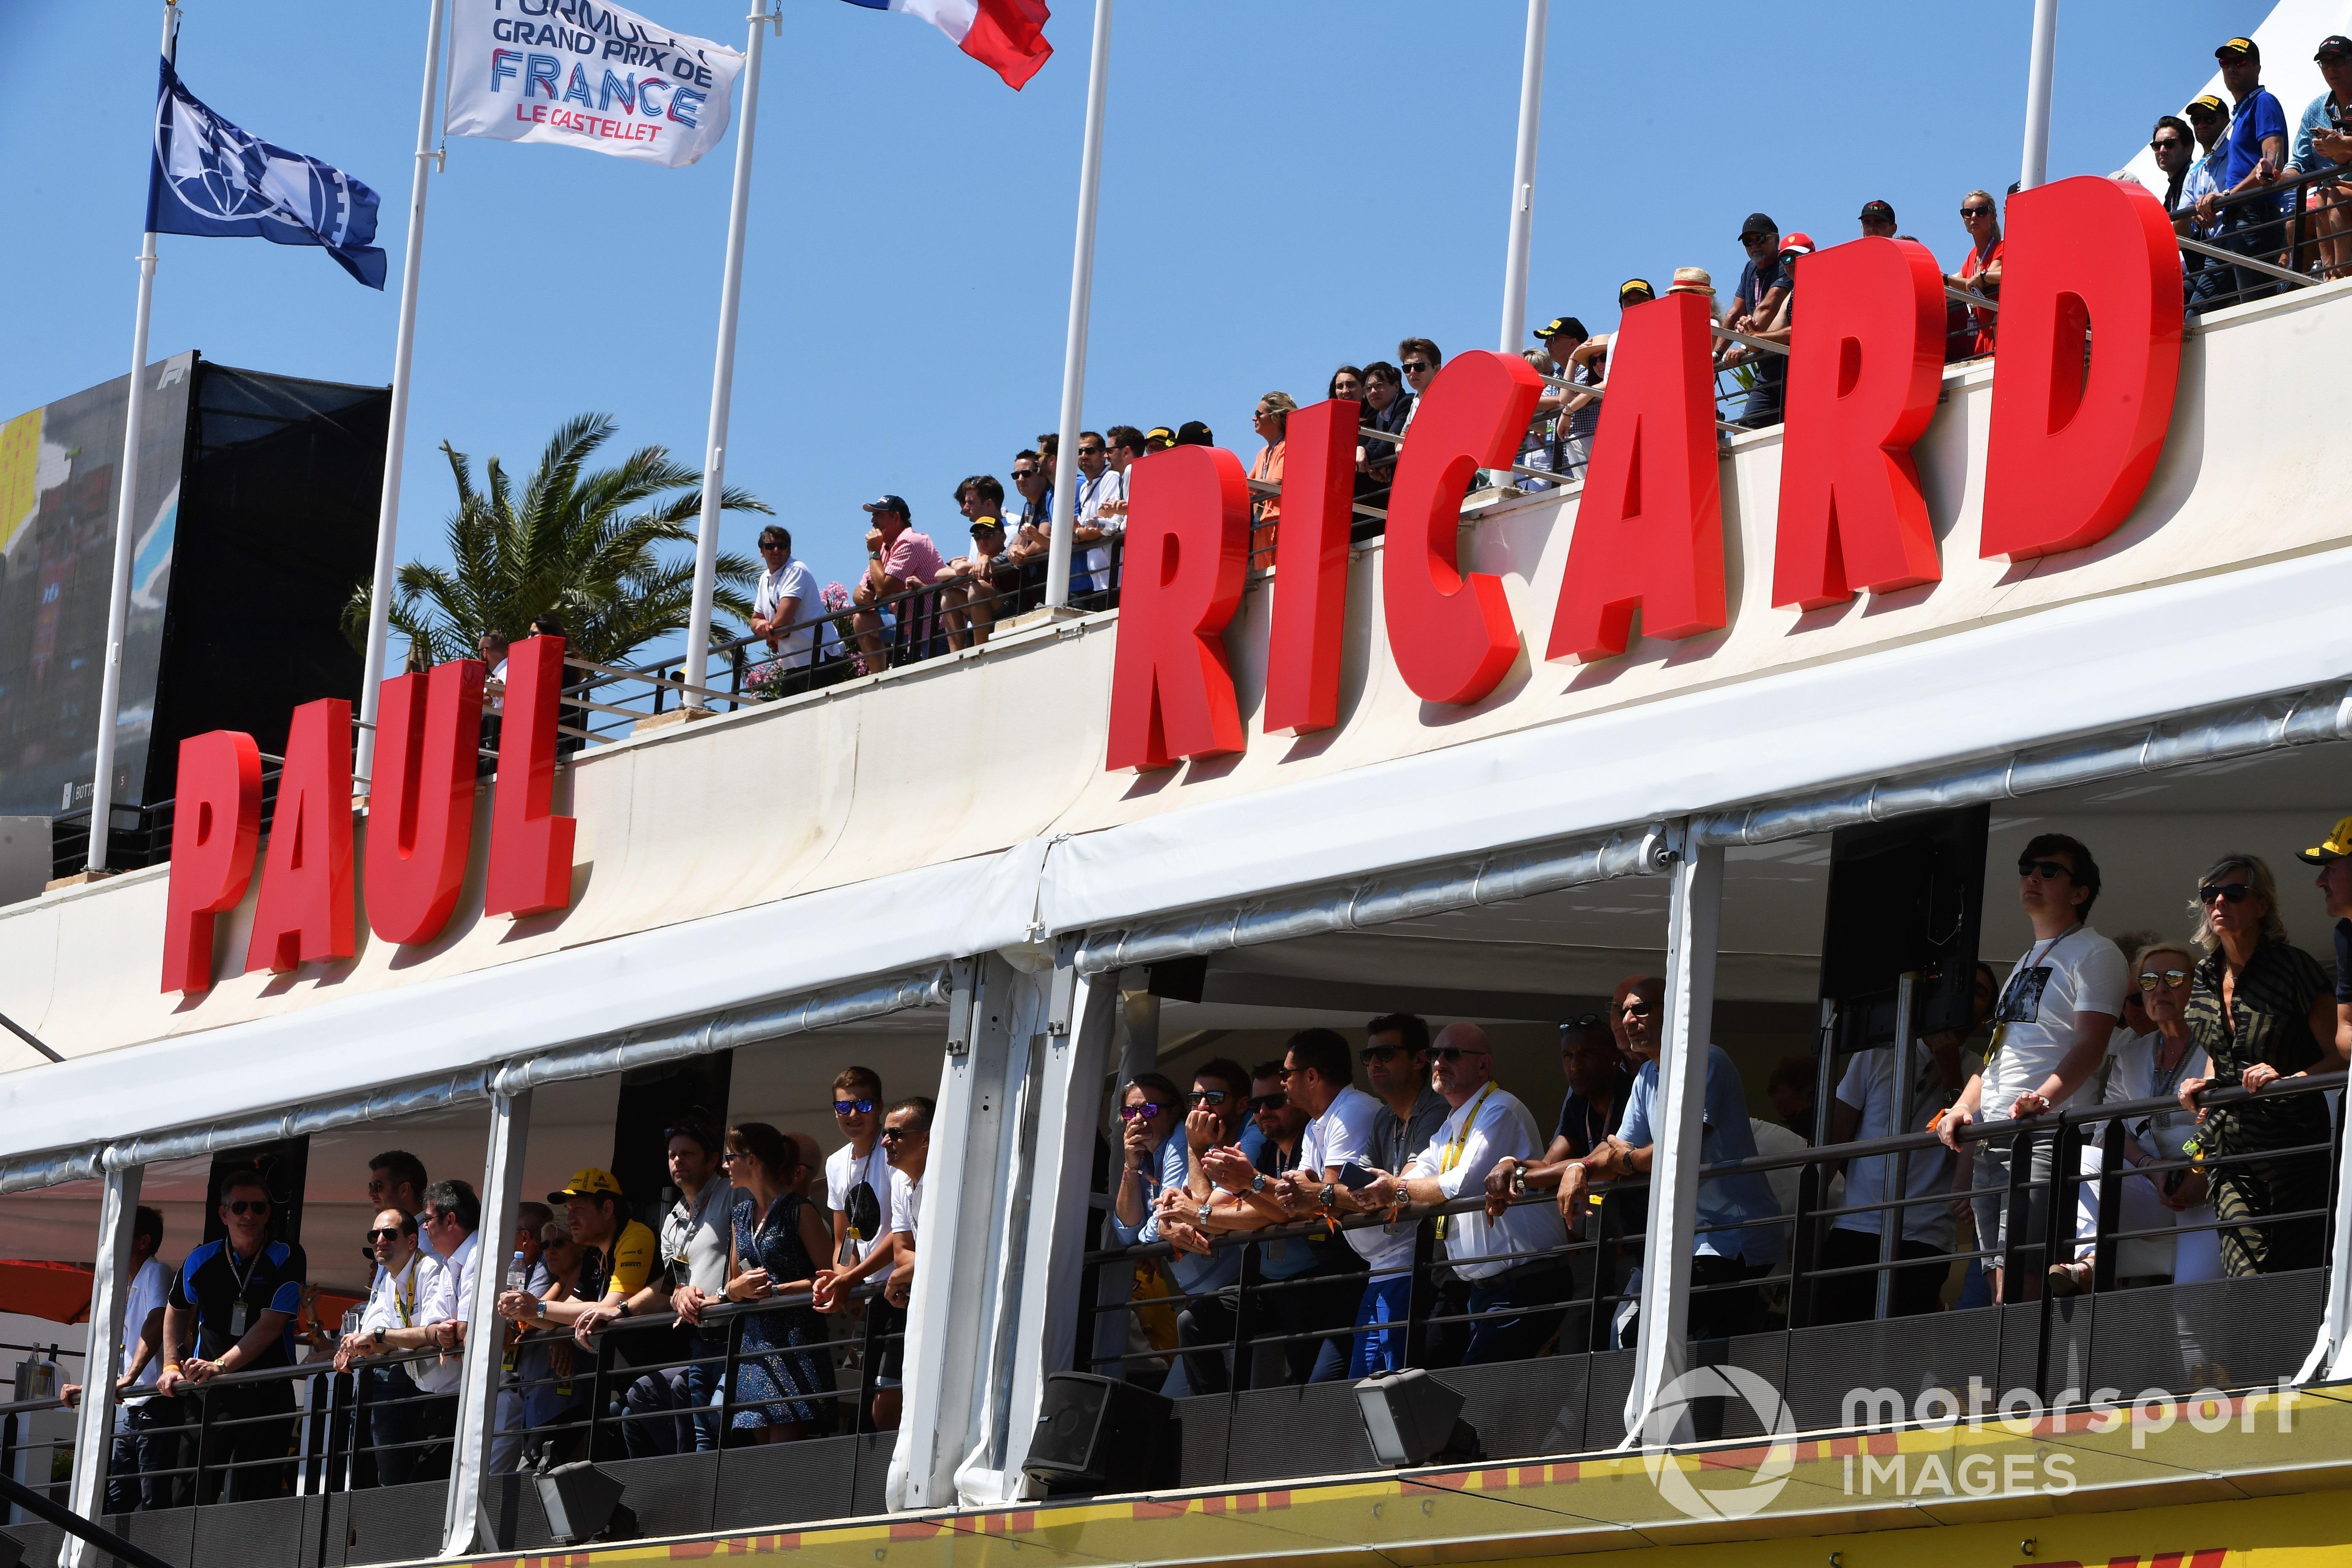 Les supporters regardent les qualifications depuis les terrasses, GP de France 2019